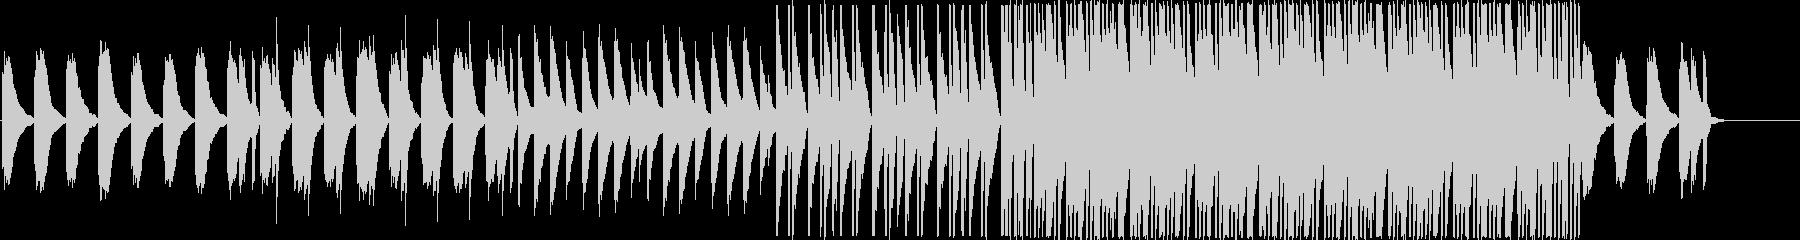 ピアノの優しいメロディーのリラックス曲の未再生の波形